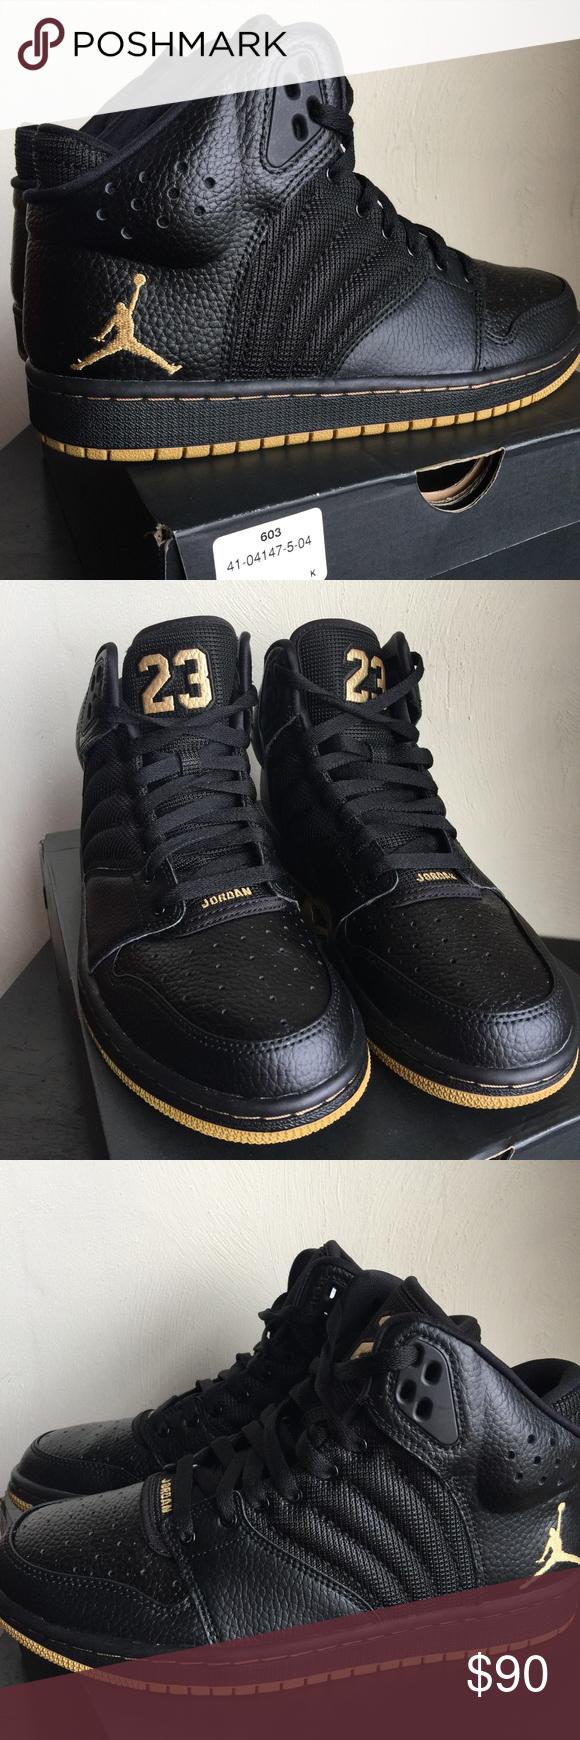 Black and gold jordans, Jordans for men